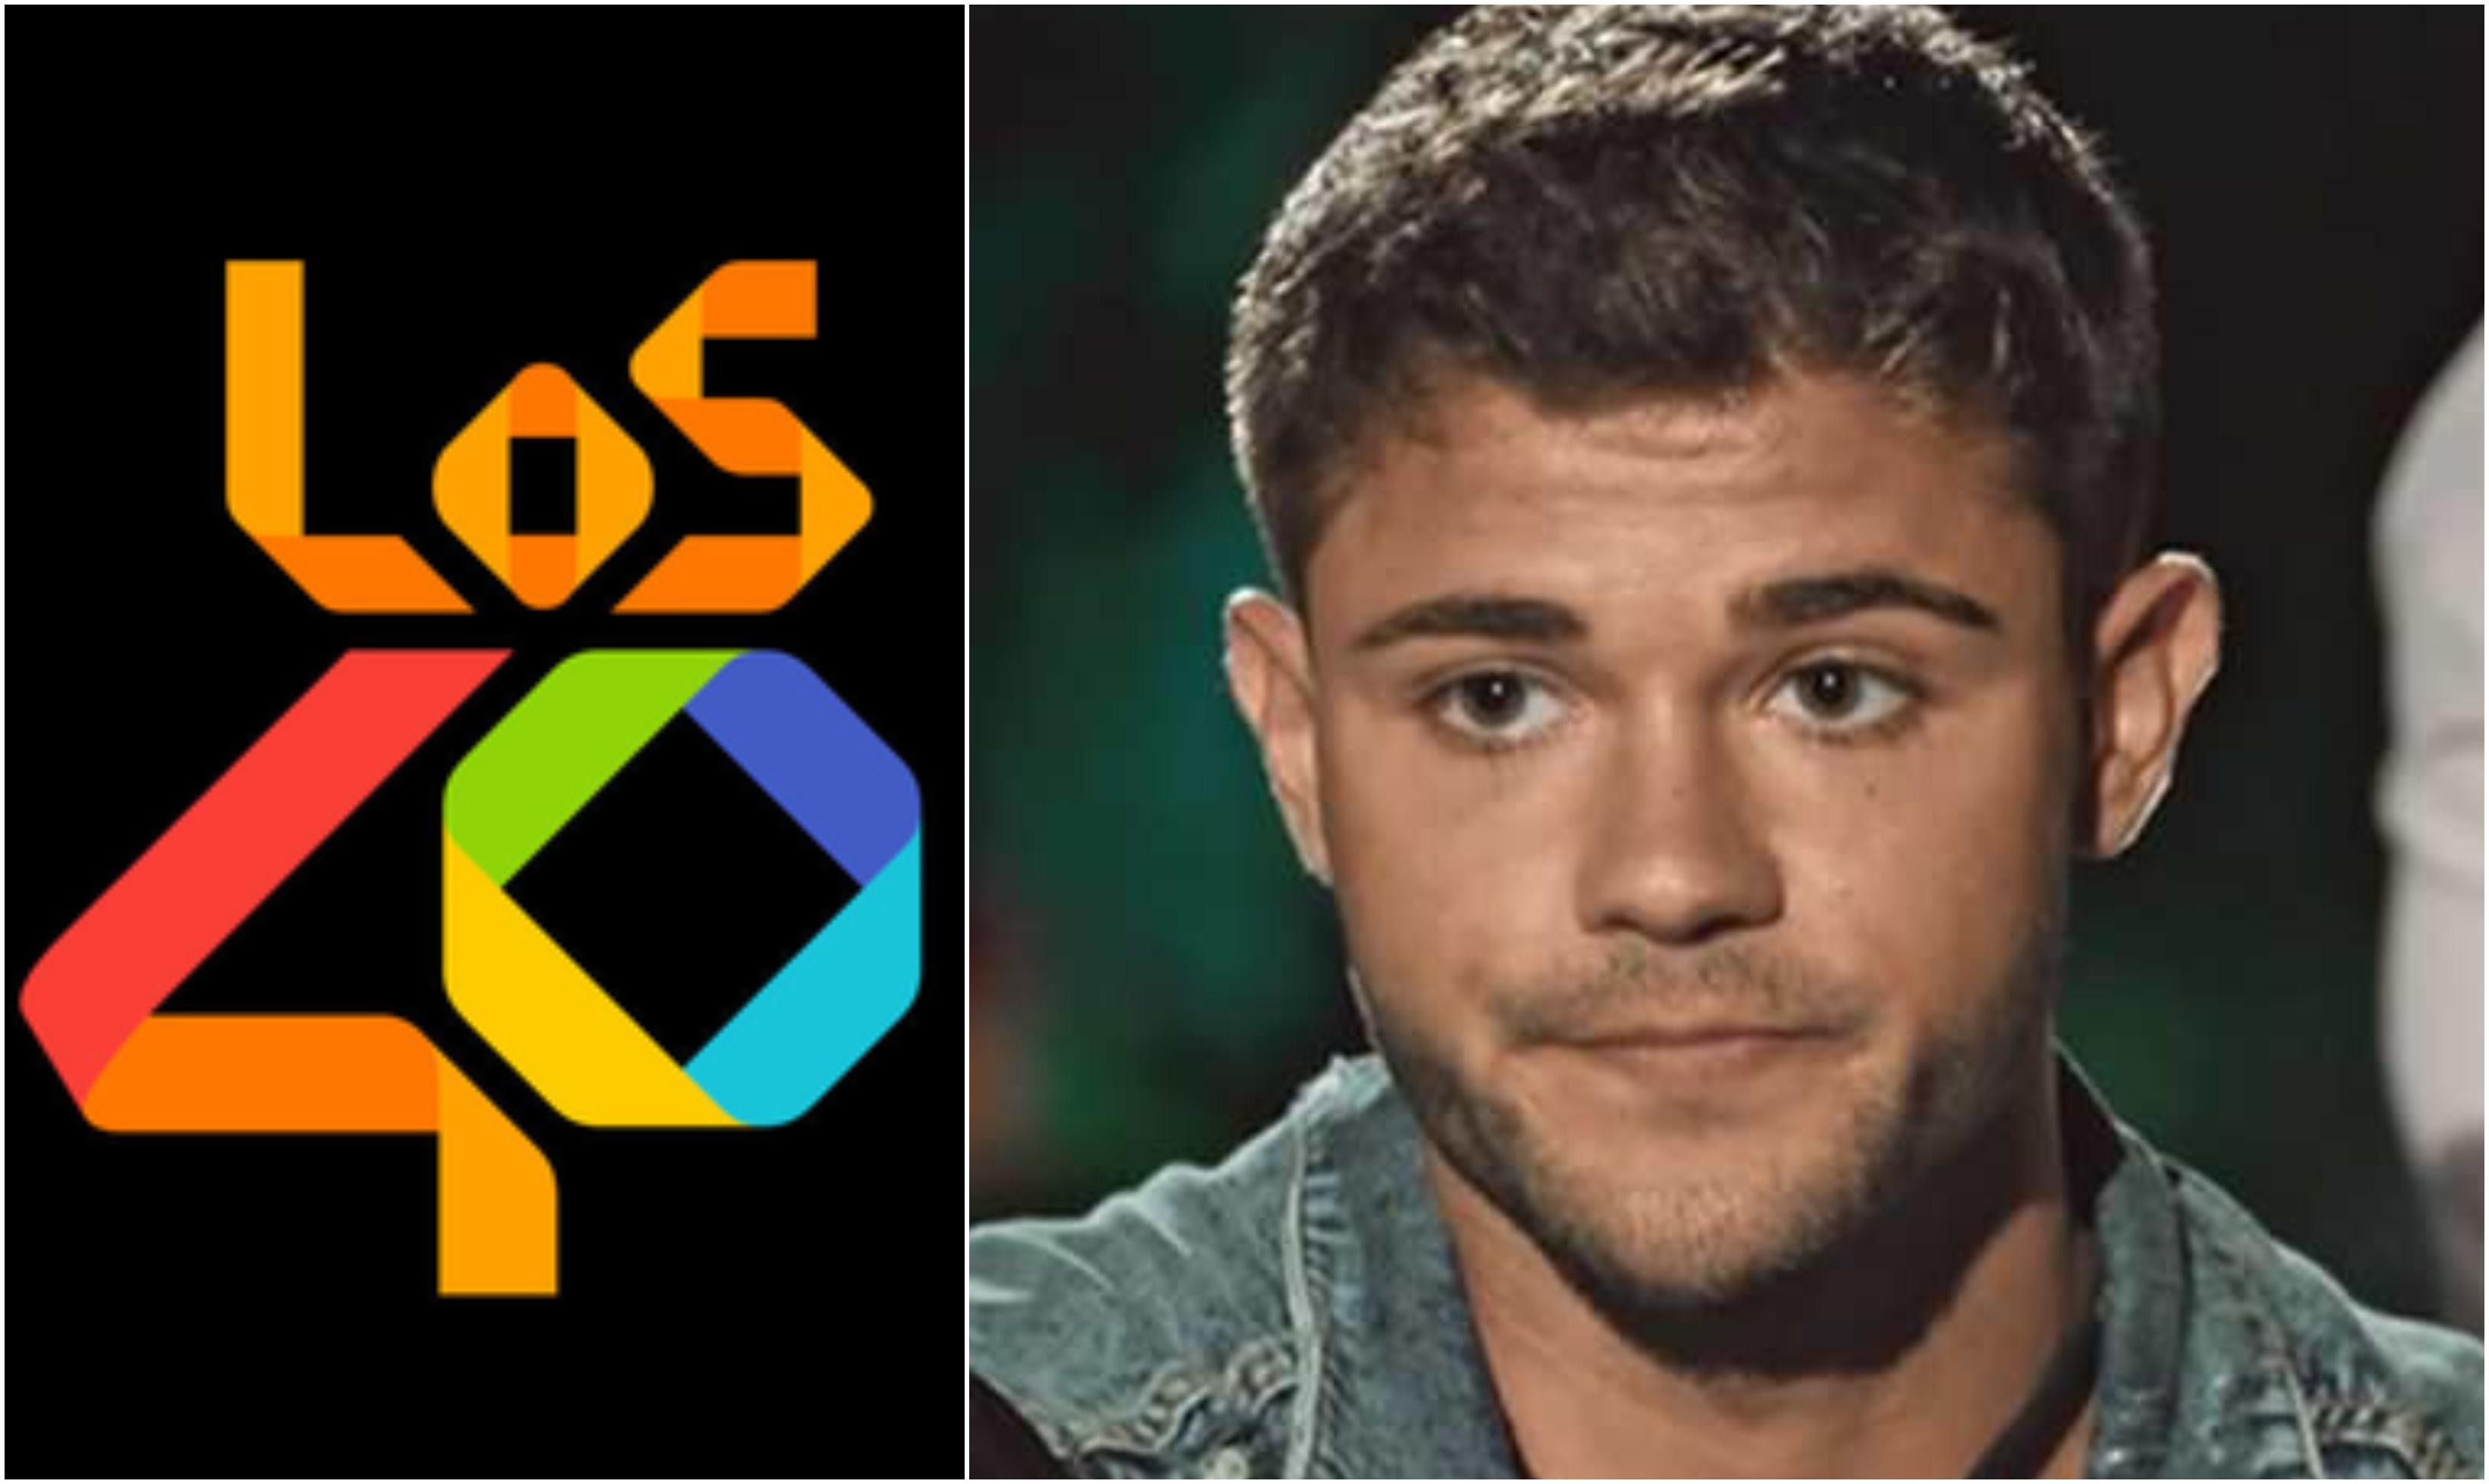 Ismael ('La isla de las tentaciones') entra en cólera total con 'Los 40' por afirmar que es gay